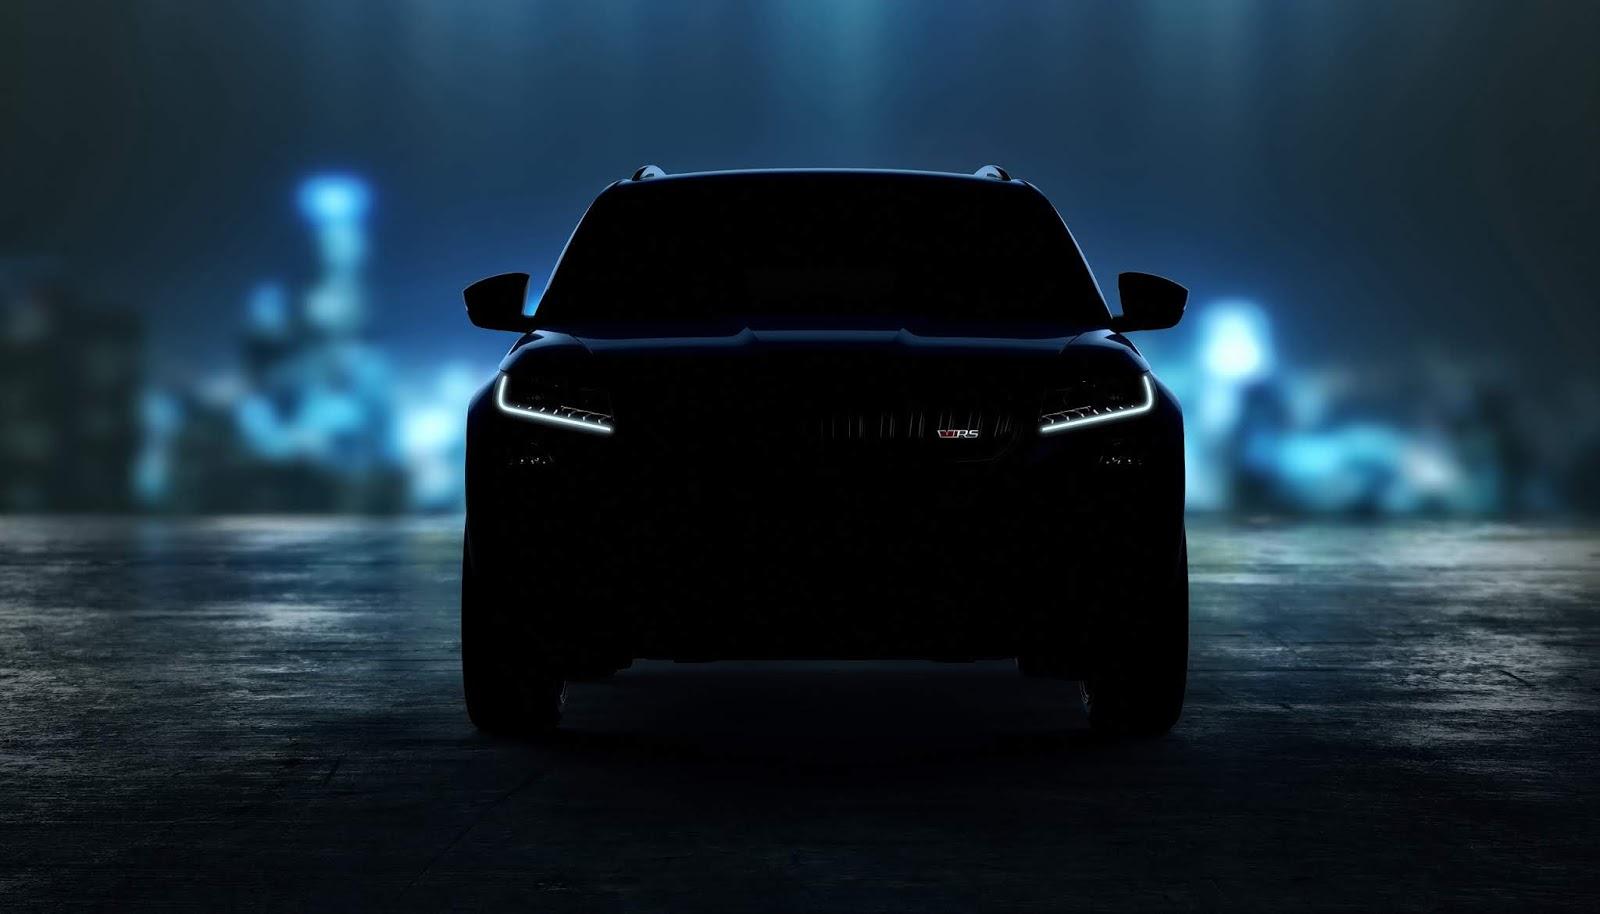 NEO2BSKODA2BKODIAQ2BRS 25CE25A025CE25A125CE259525CE259C25CE259925CE259525CE25A125CE25912B25CE25A325CE25A425CE259F2B25CE25A025CE259125CE25A125CE259925CE25A325CE2599 1 Πρεμιέρα για το πρώτο RS SUV της Skoda! Skoda, μοντέλα